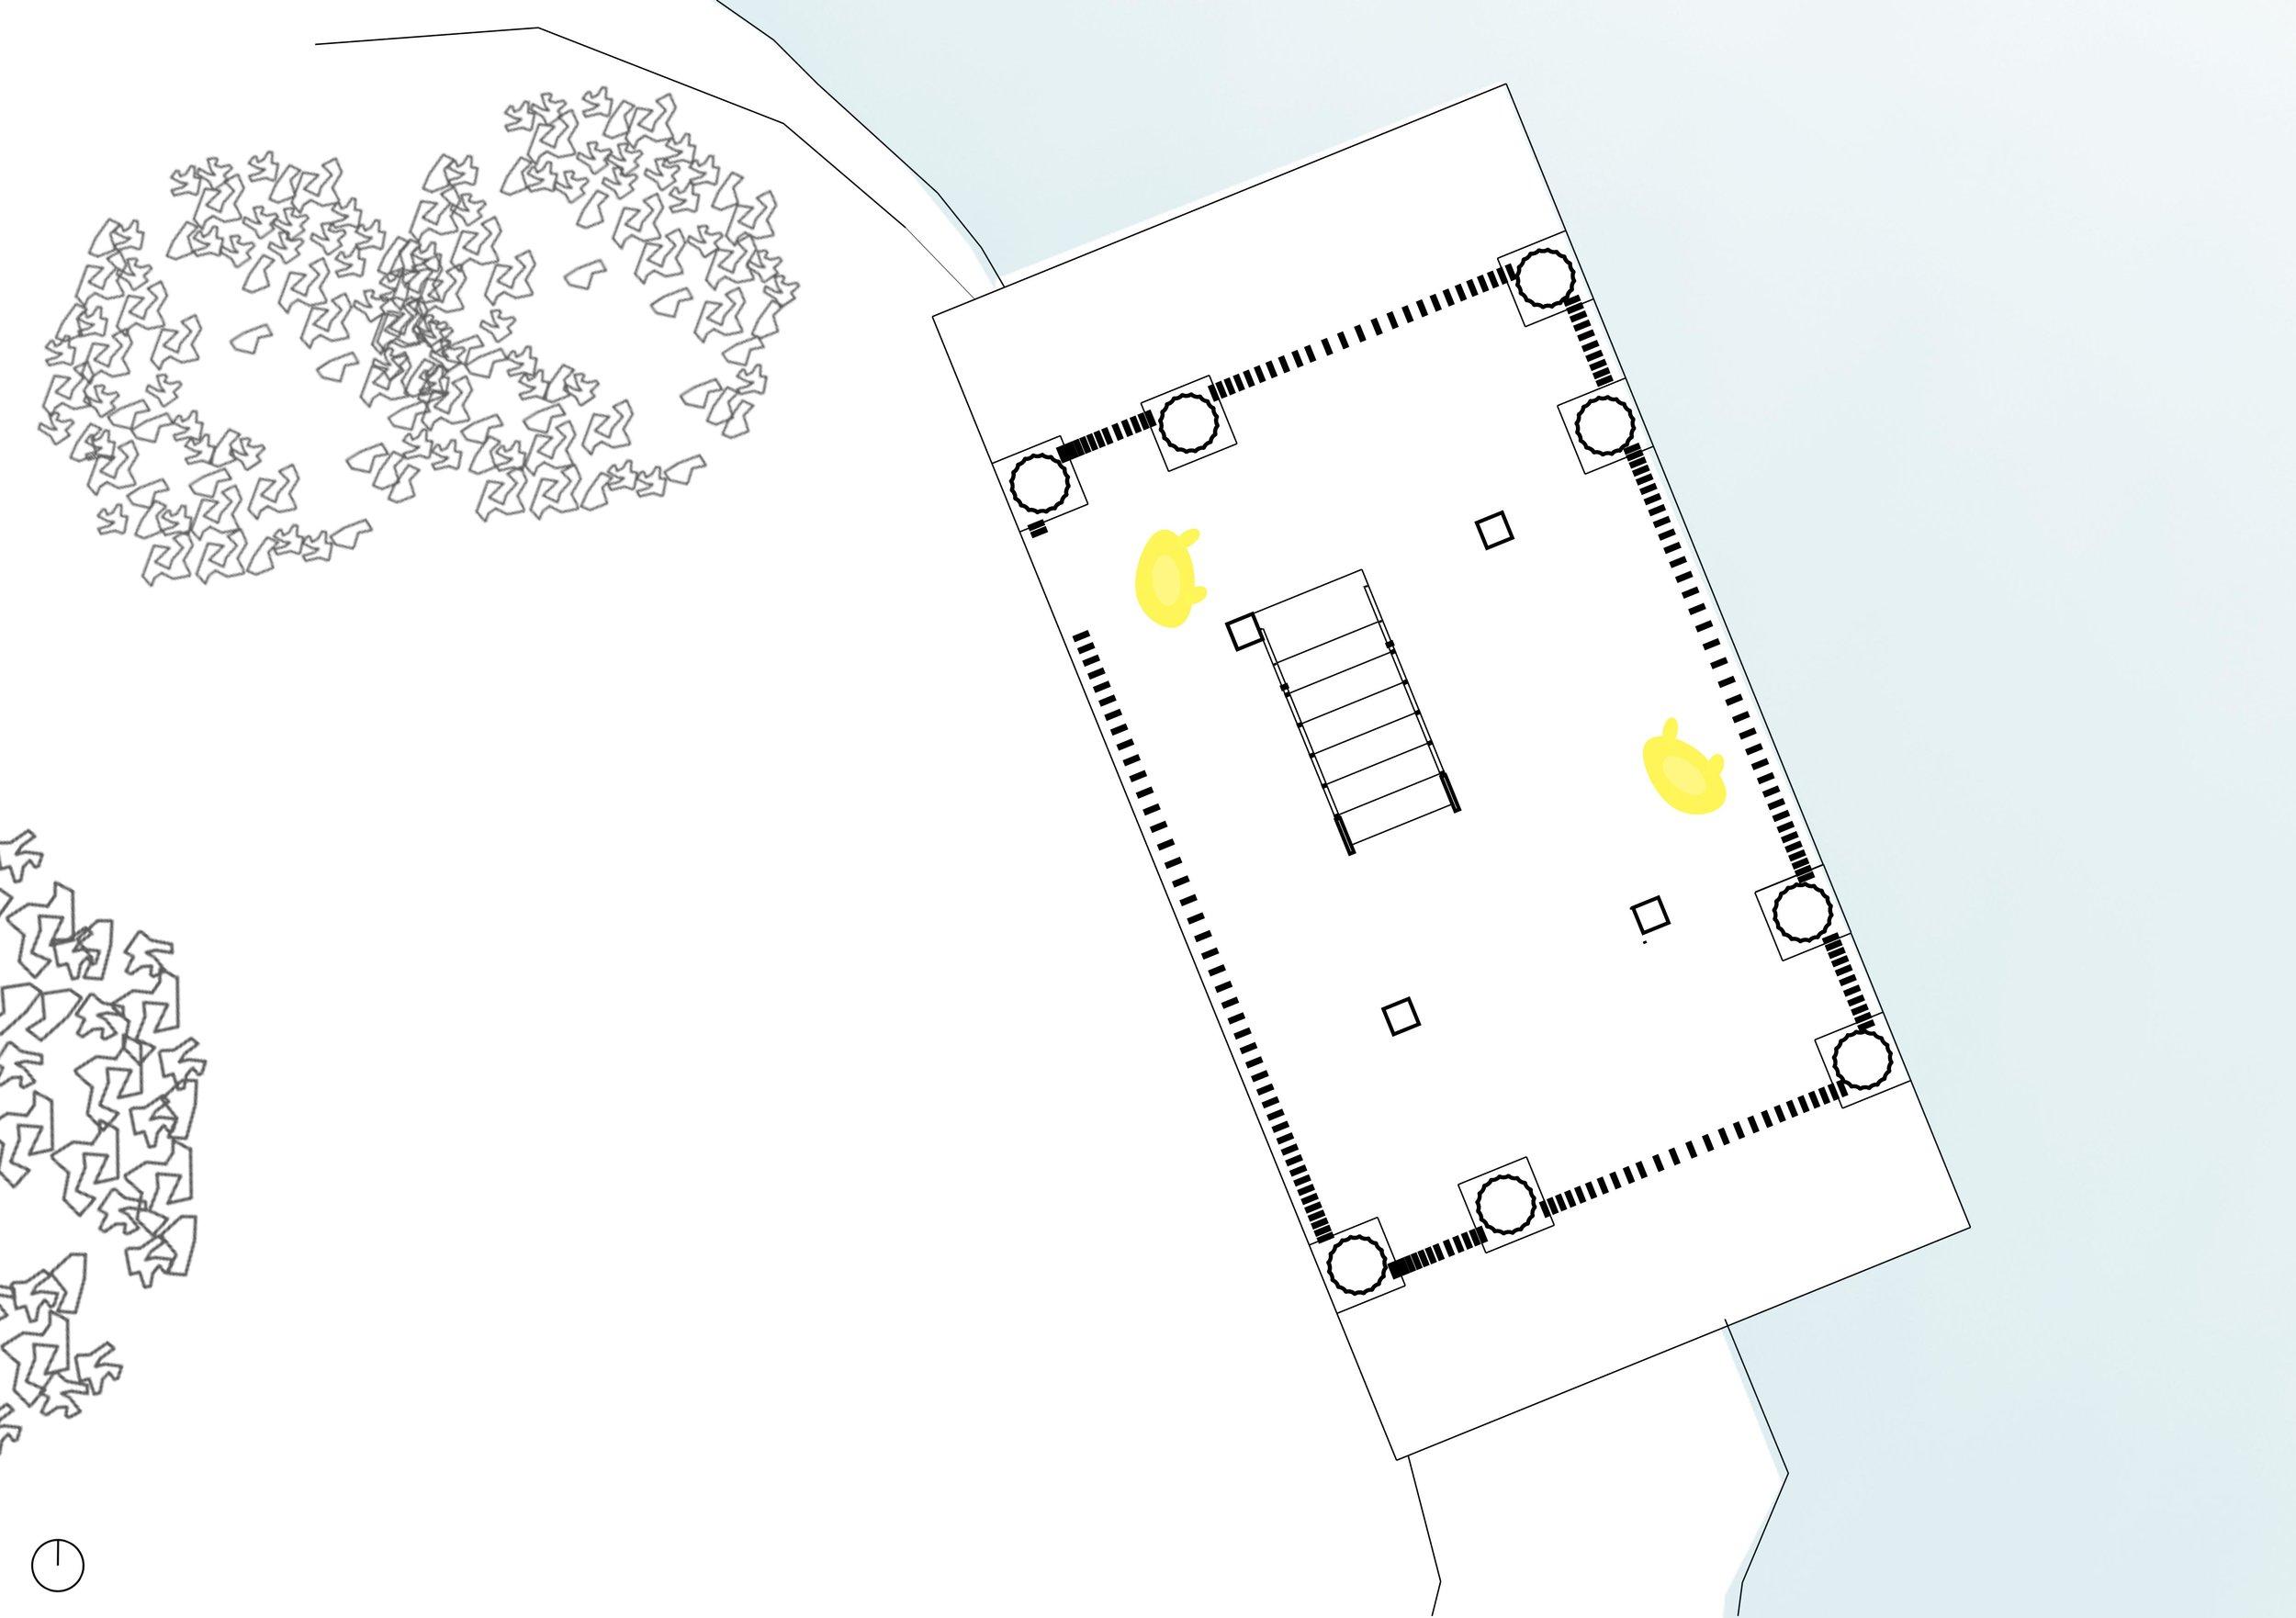 Felix Wilson - Felix-Wilson-TheArchiologist-Tower_III-3-Plan-1_200-A5.jpg